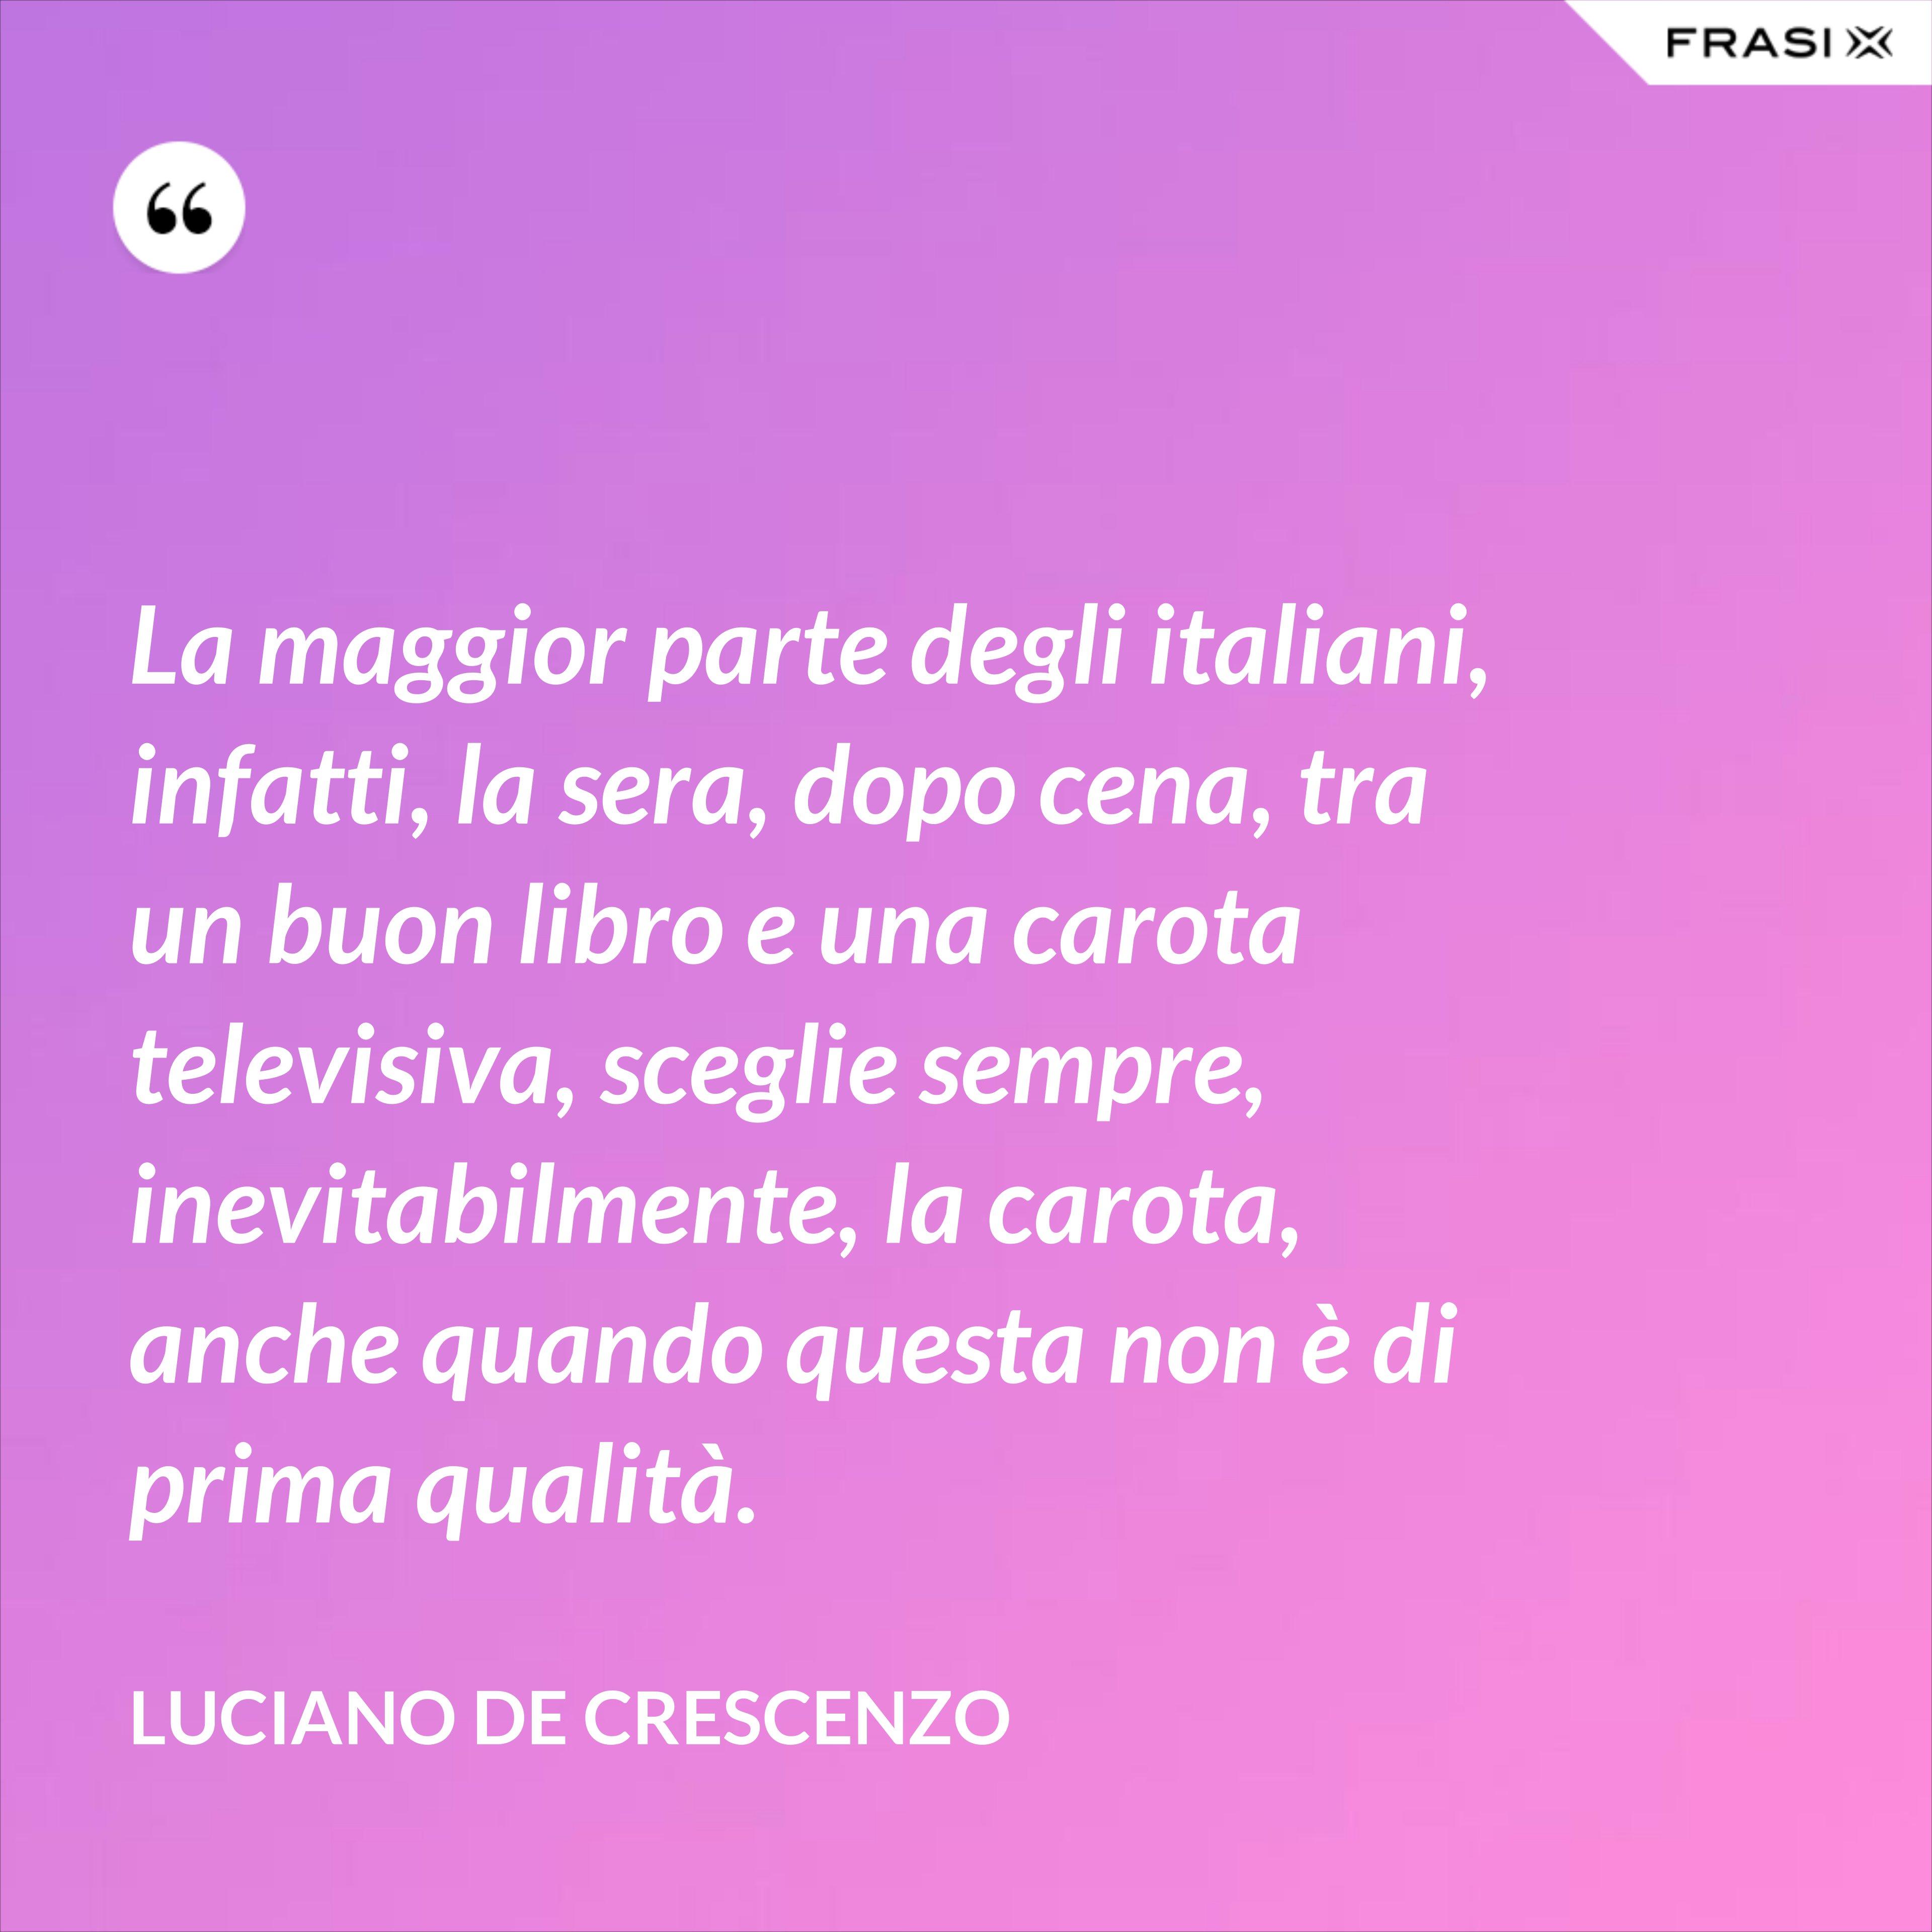 La maggior parte degli italiani, infatti, la sera, dopo cena, tra un buon libro e una carota televisiva, sceglie sempre, inevitabilmente, la carota, anche quando questa non è di prima qualità. - Luciano De Crescenzo